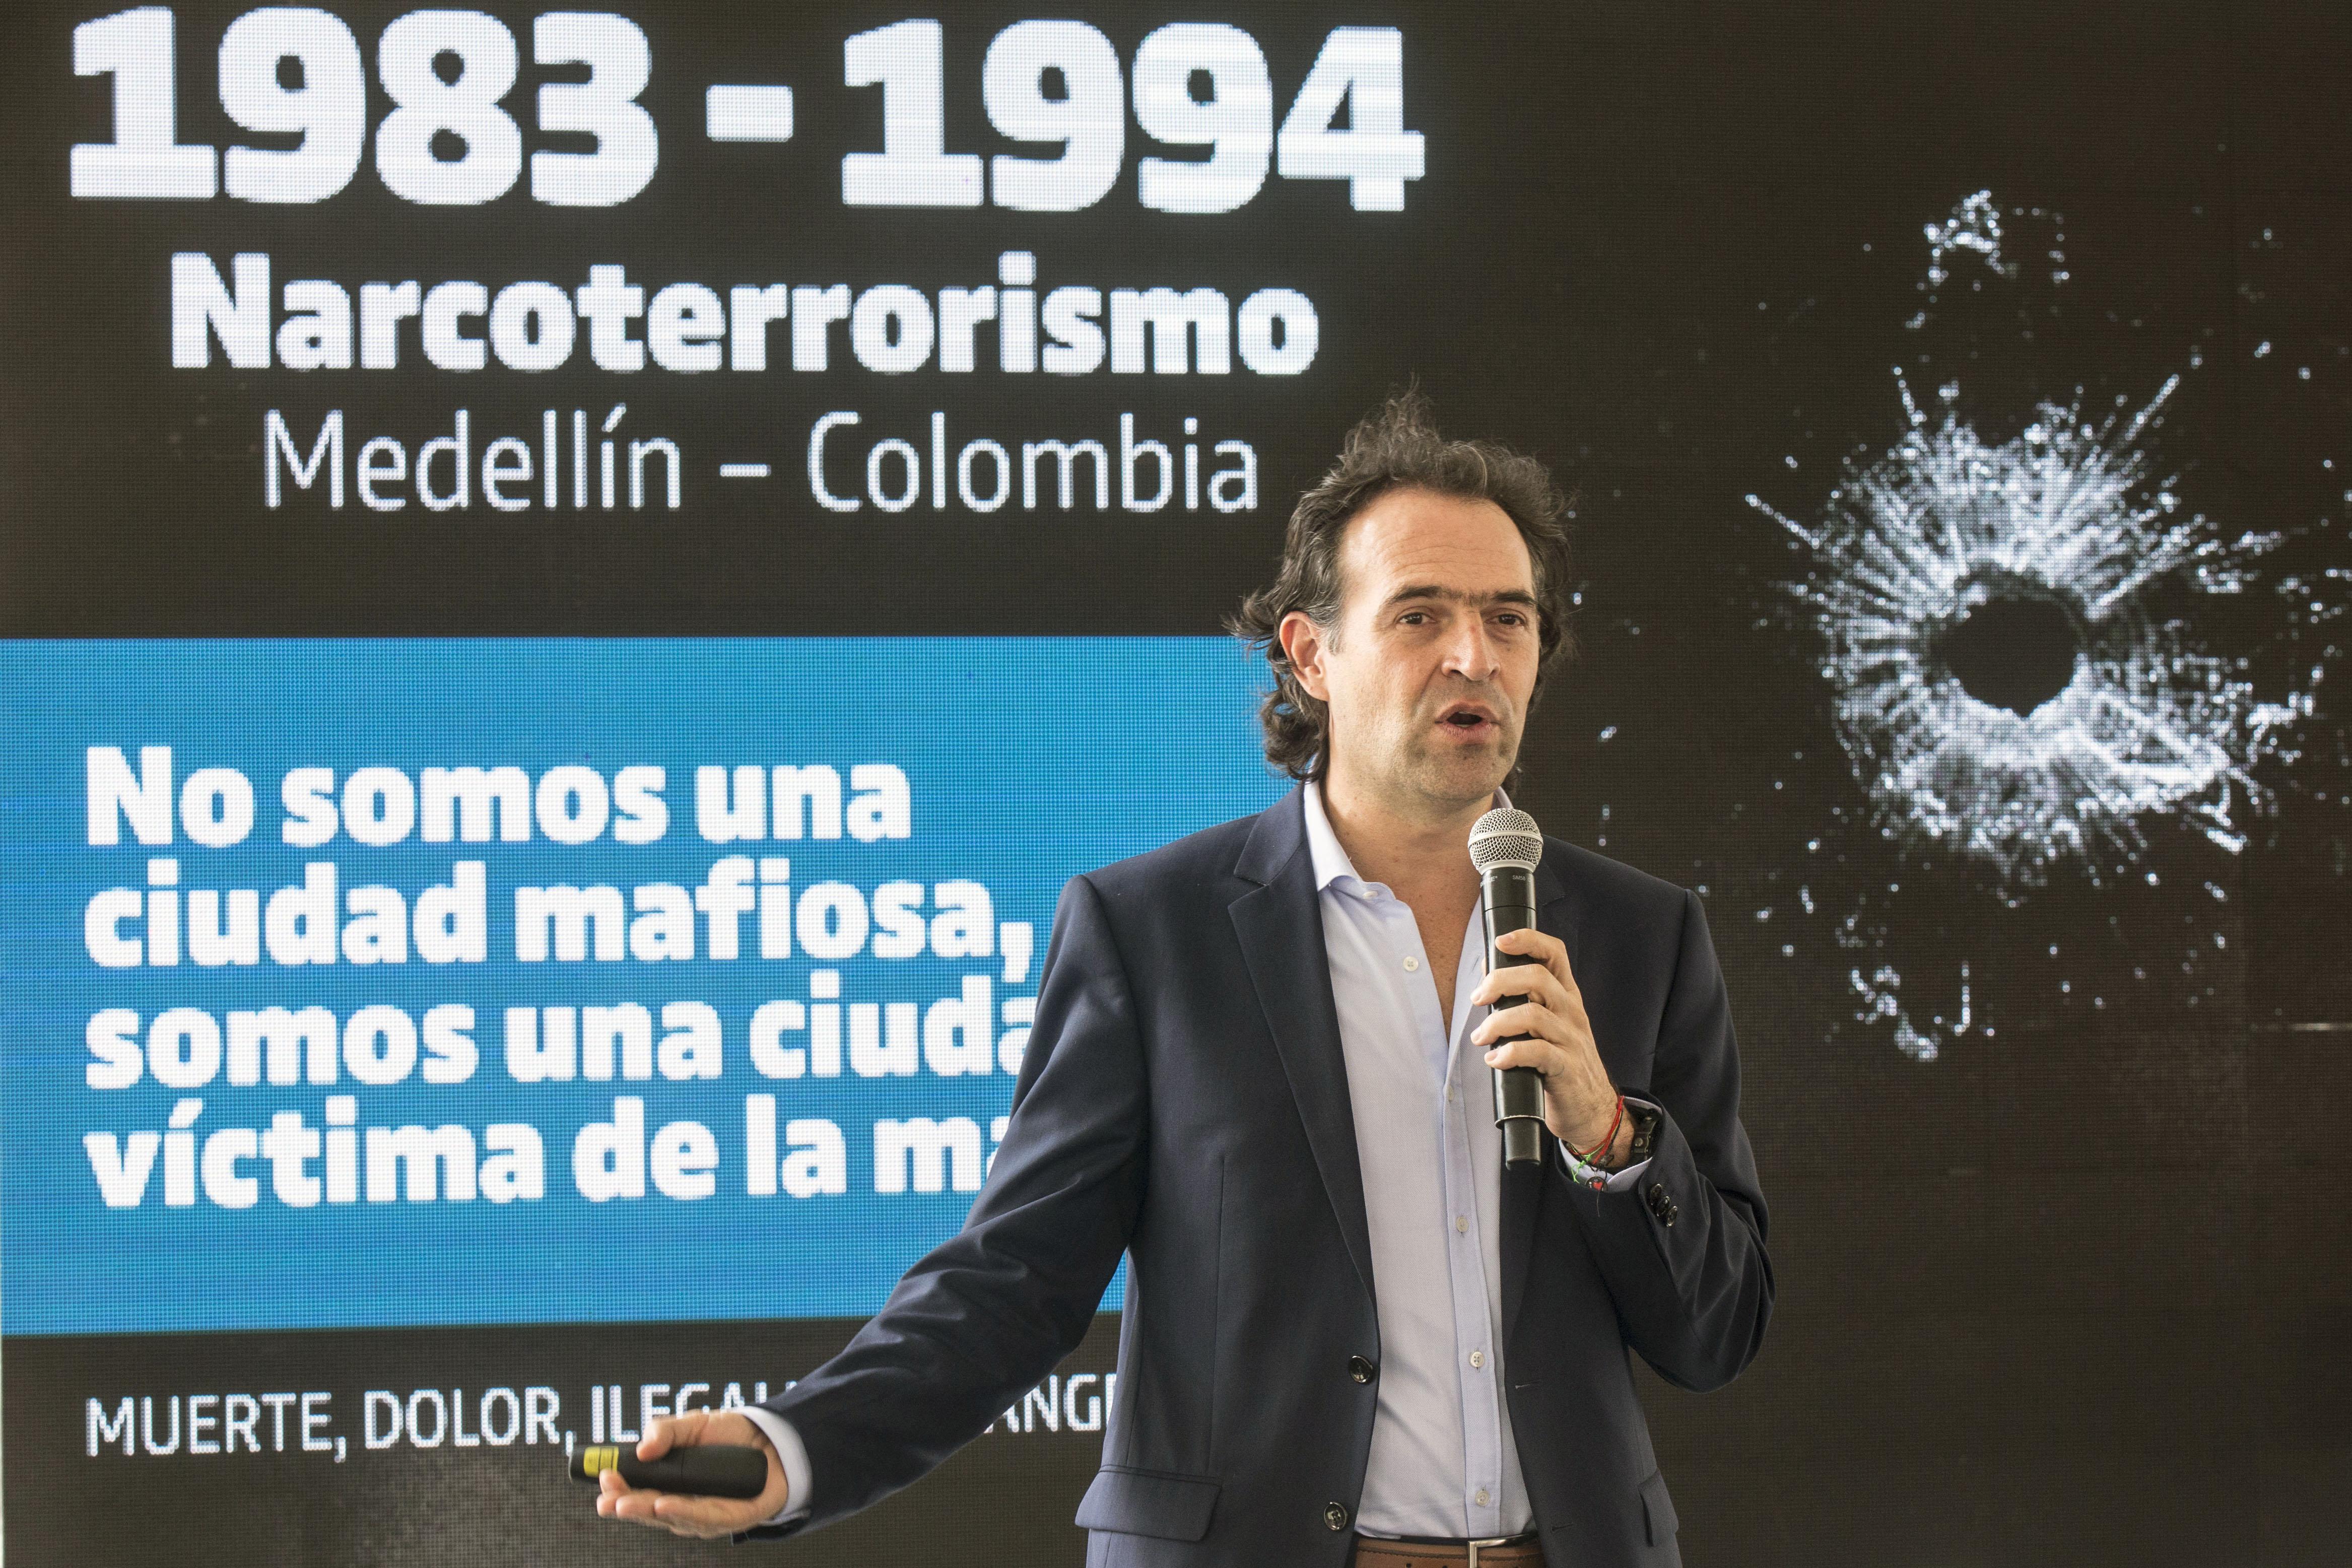 """""""No es borrar la historia, sino volver a ella para contarla desde el lado correcto, desde el lado de las víctimas"""", expresó Federico Gutiérrez, Alcalde de Medellín, sobre la demolición delMónaco."""